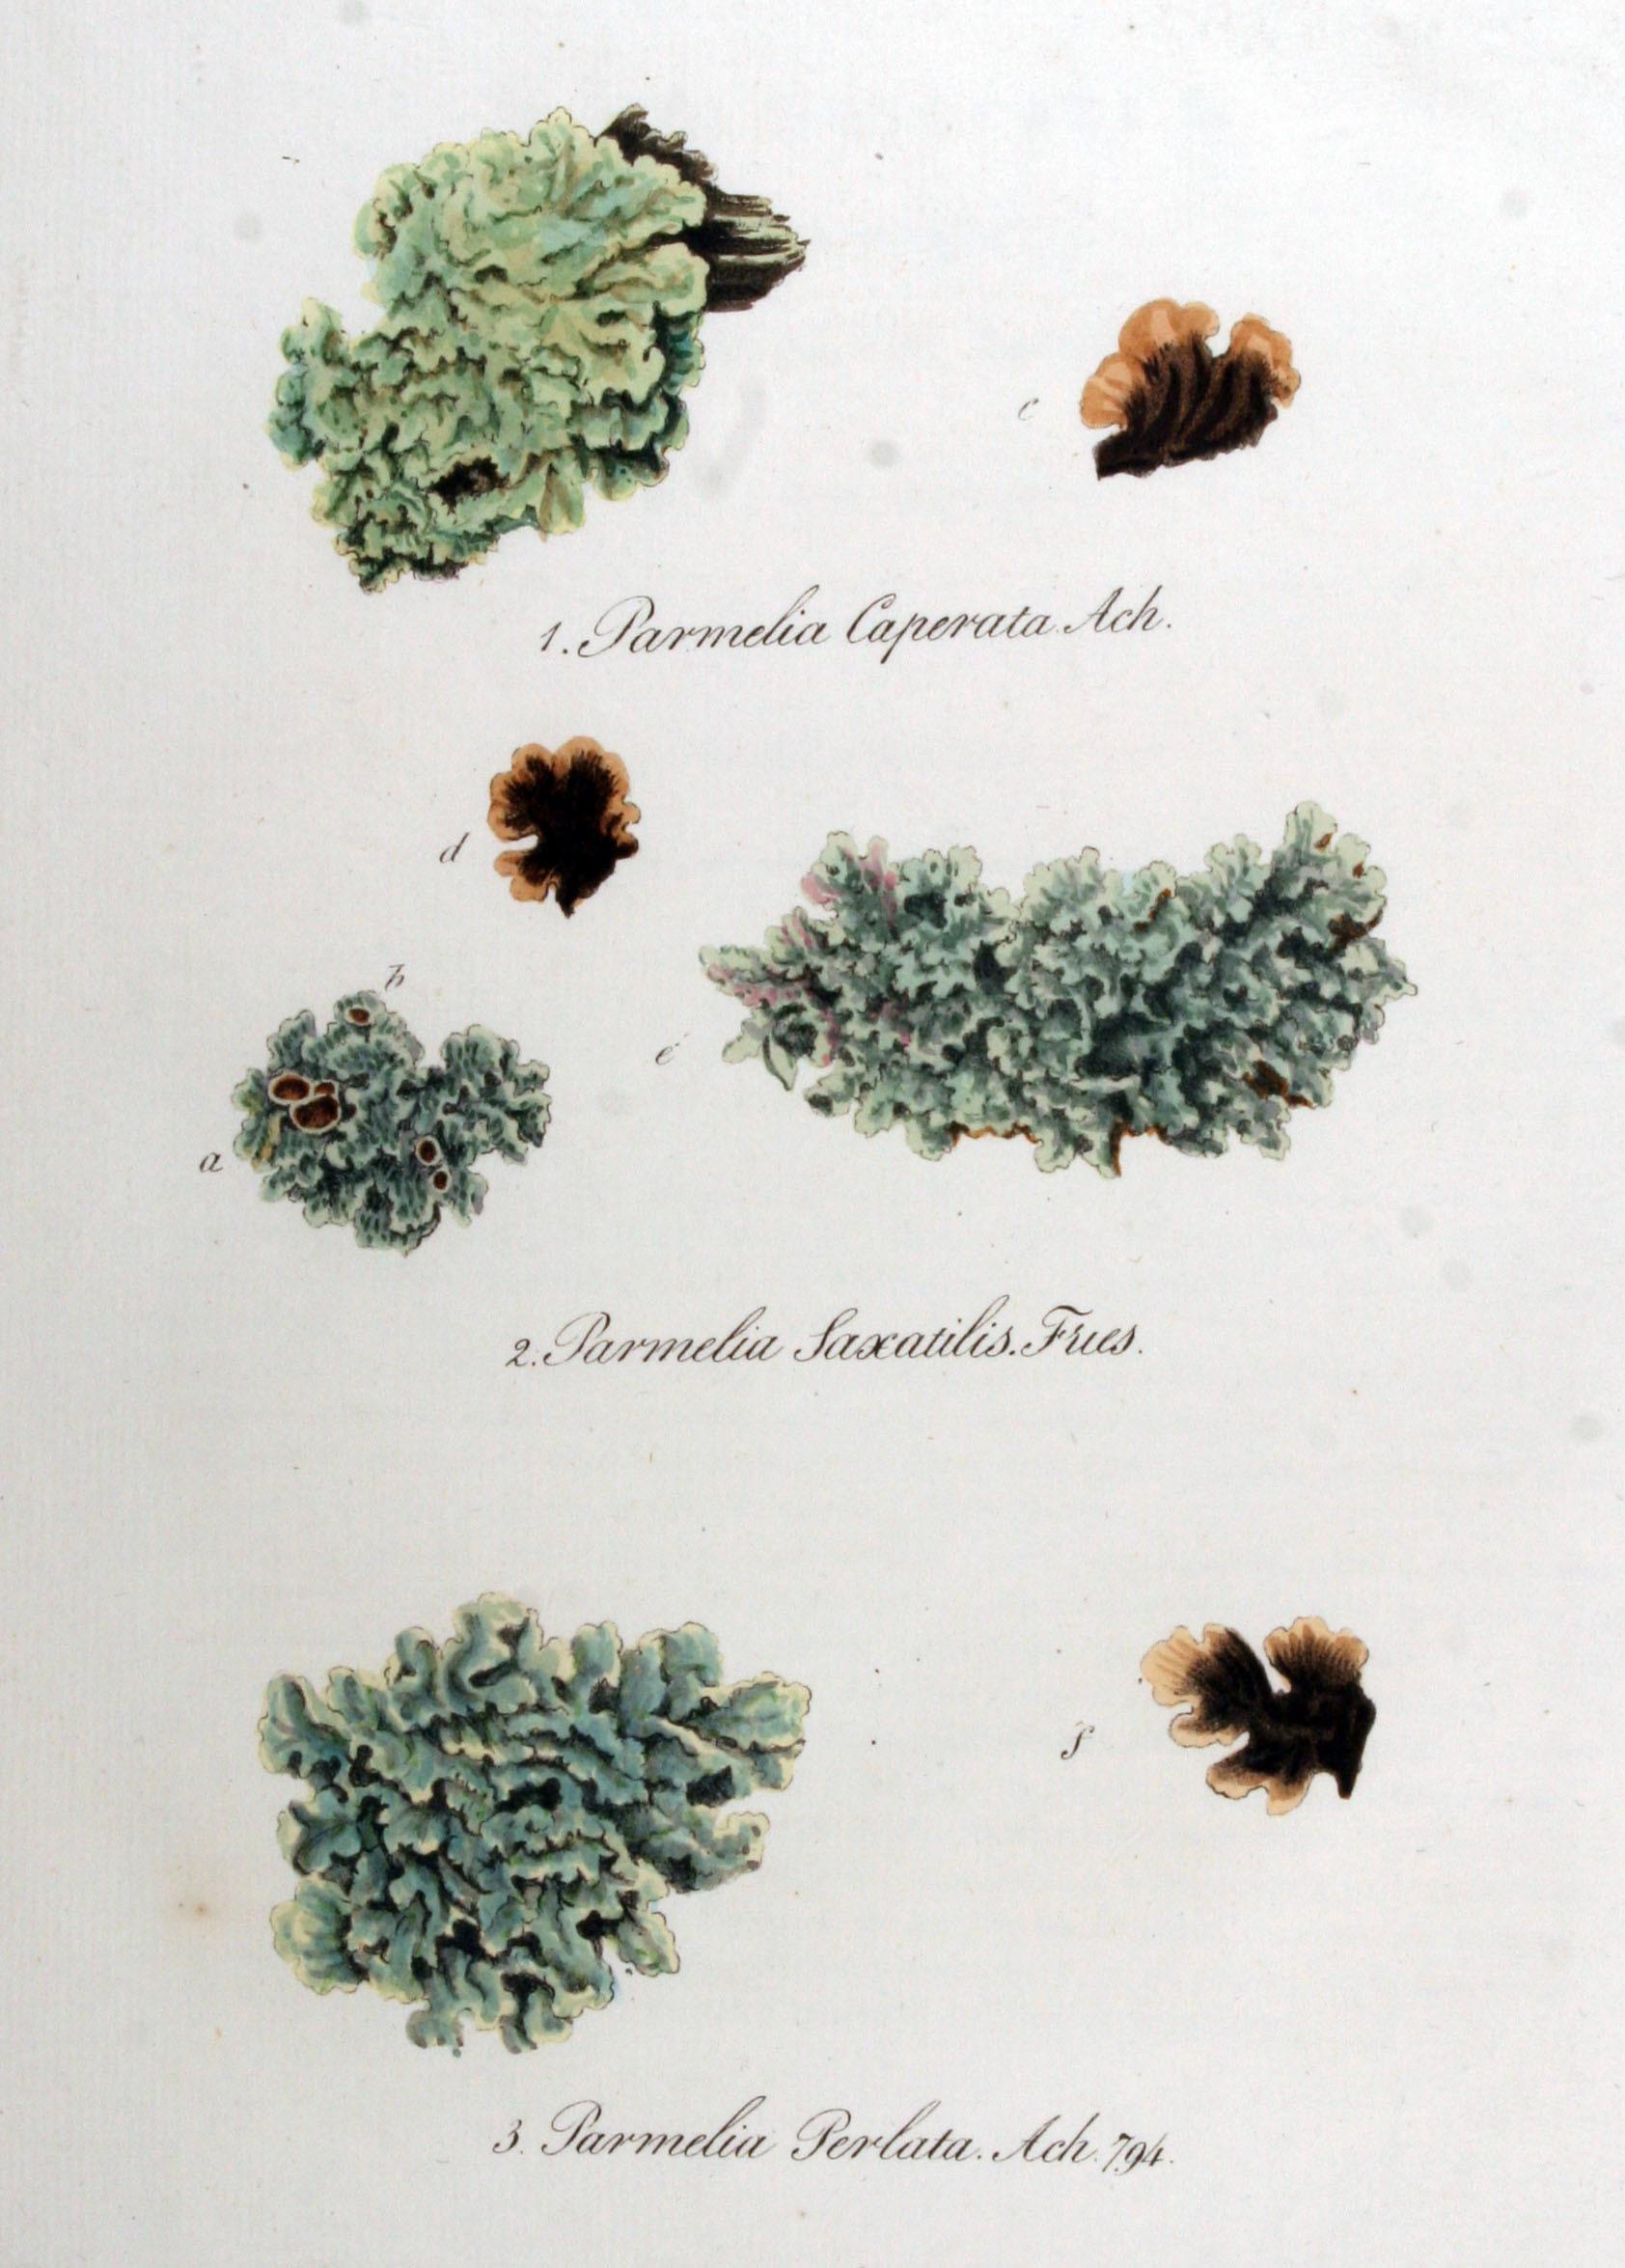 Image of Common greenshield lichen